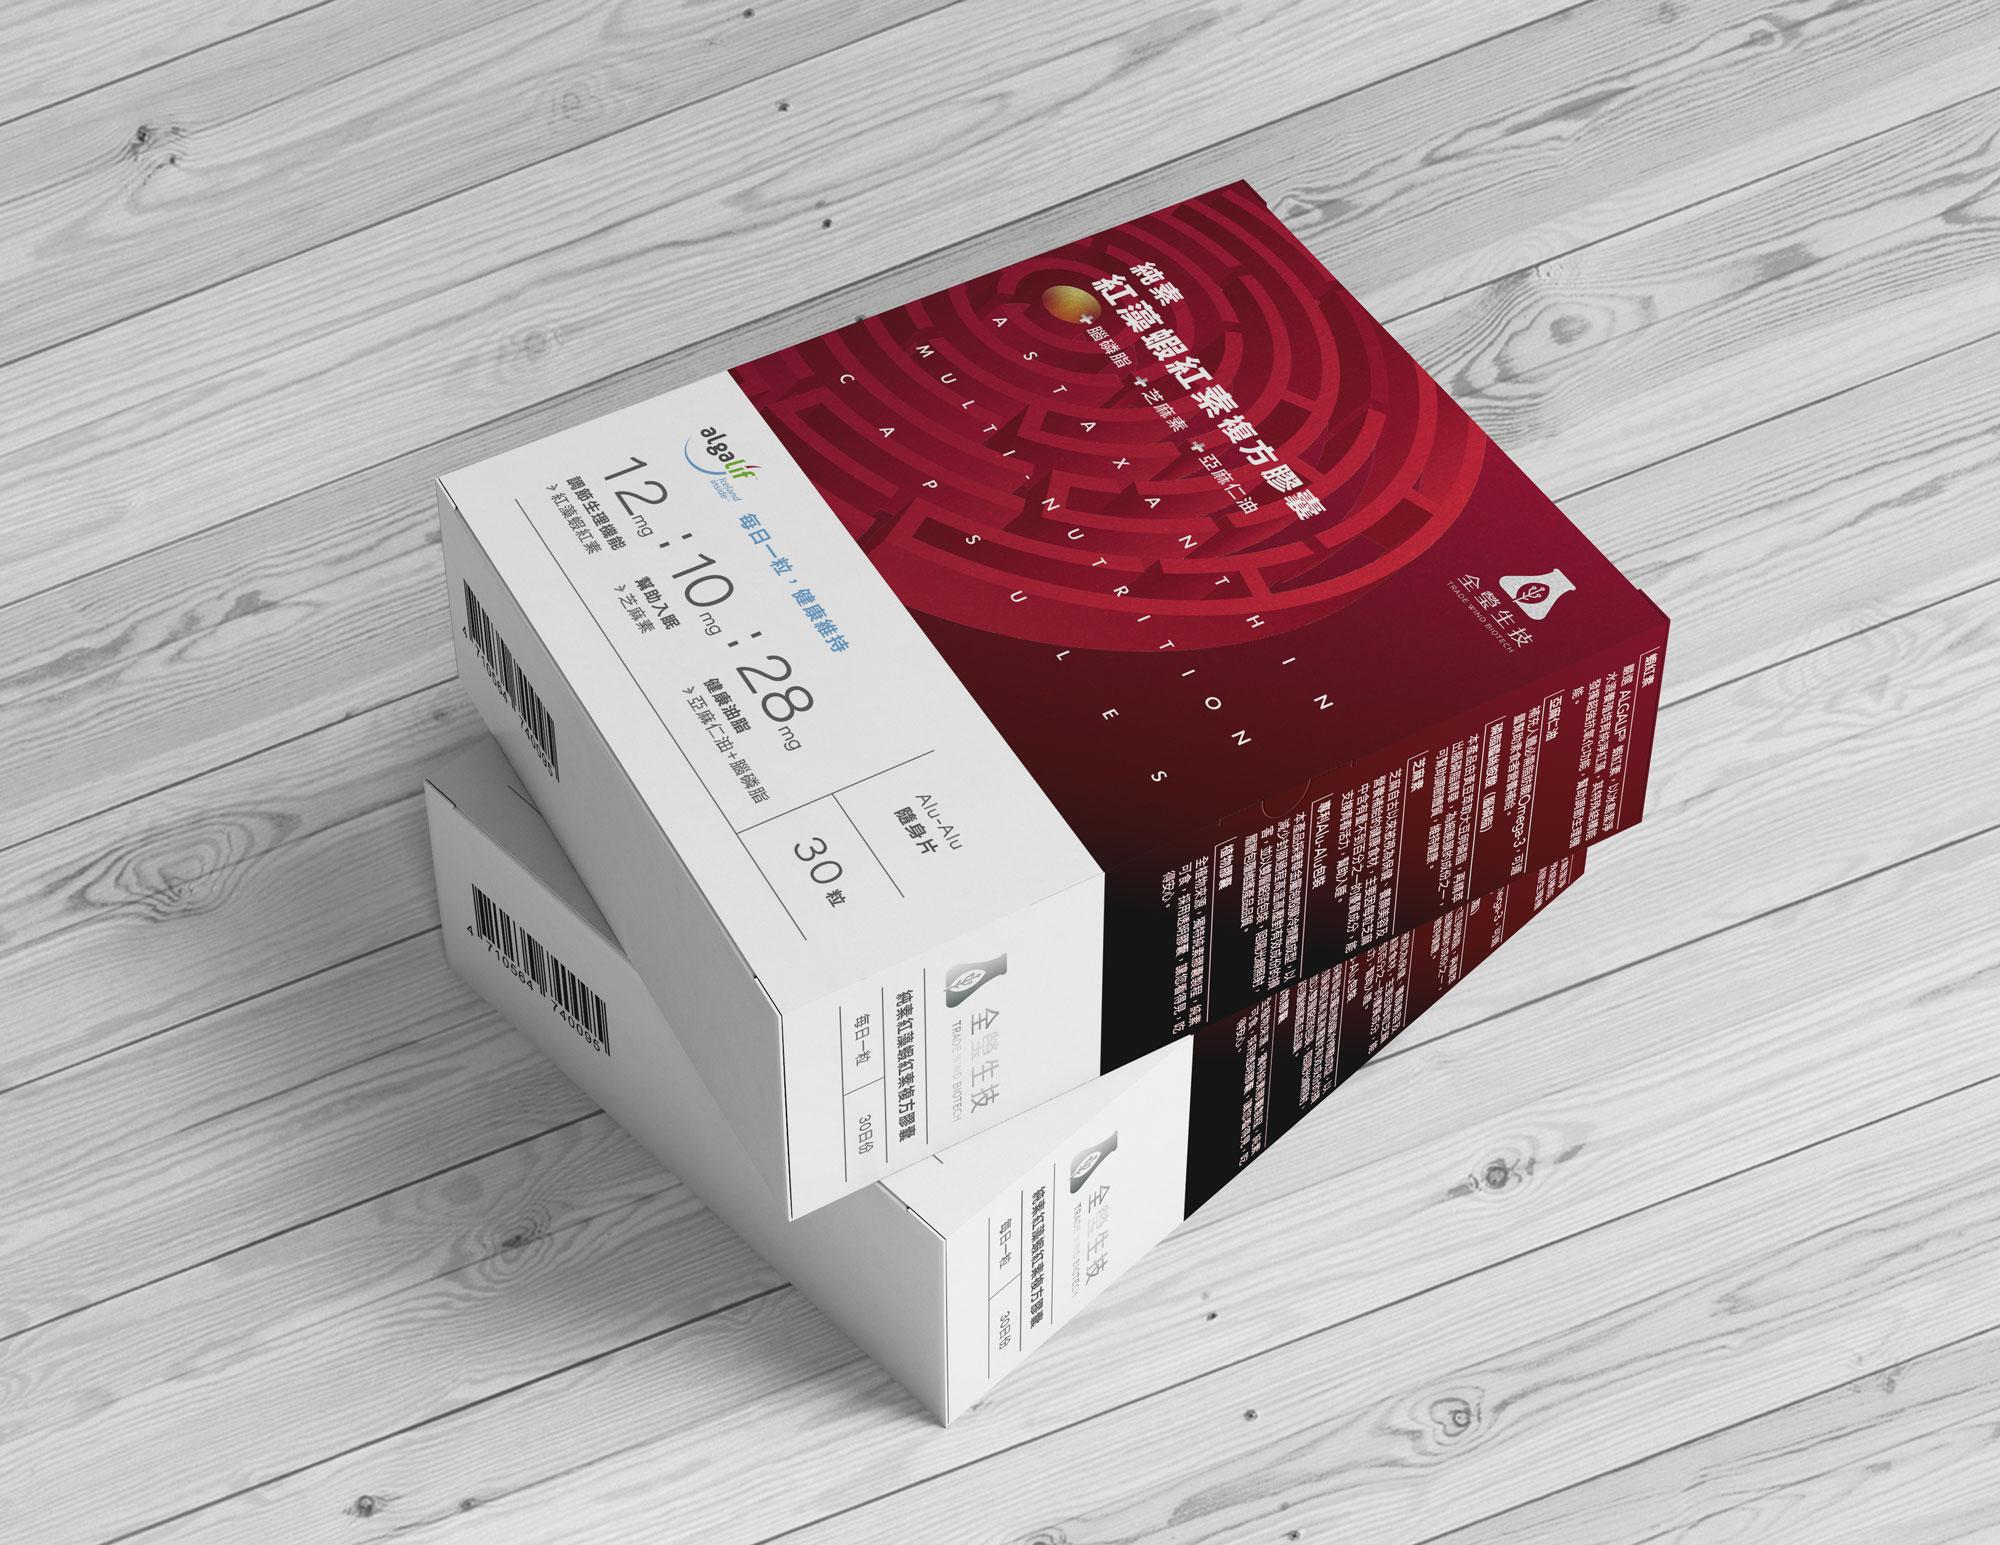 純素蝦紅素複方膠囊<br>Vegan Astaxanthin Multi-nutrition capsules<br>【30粒/盒】